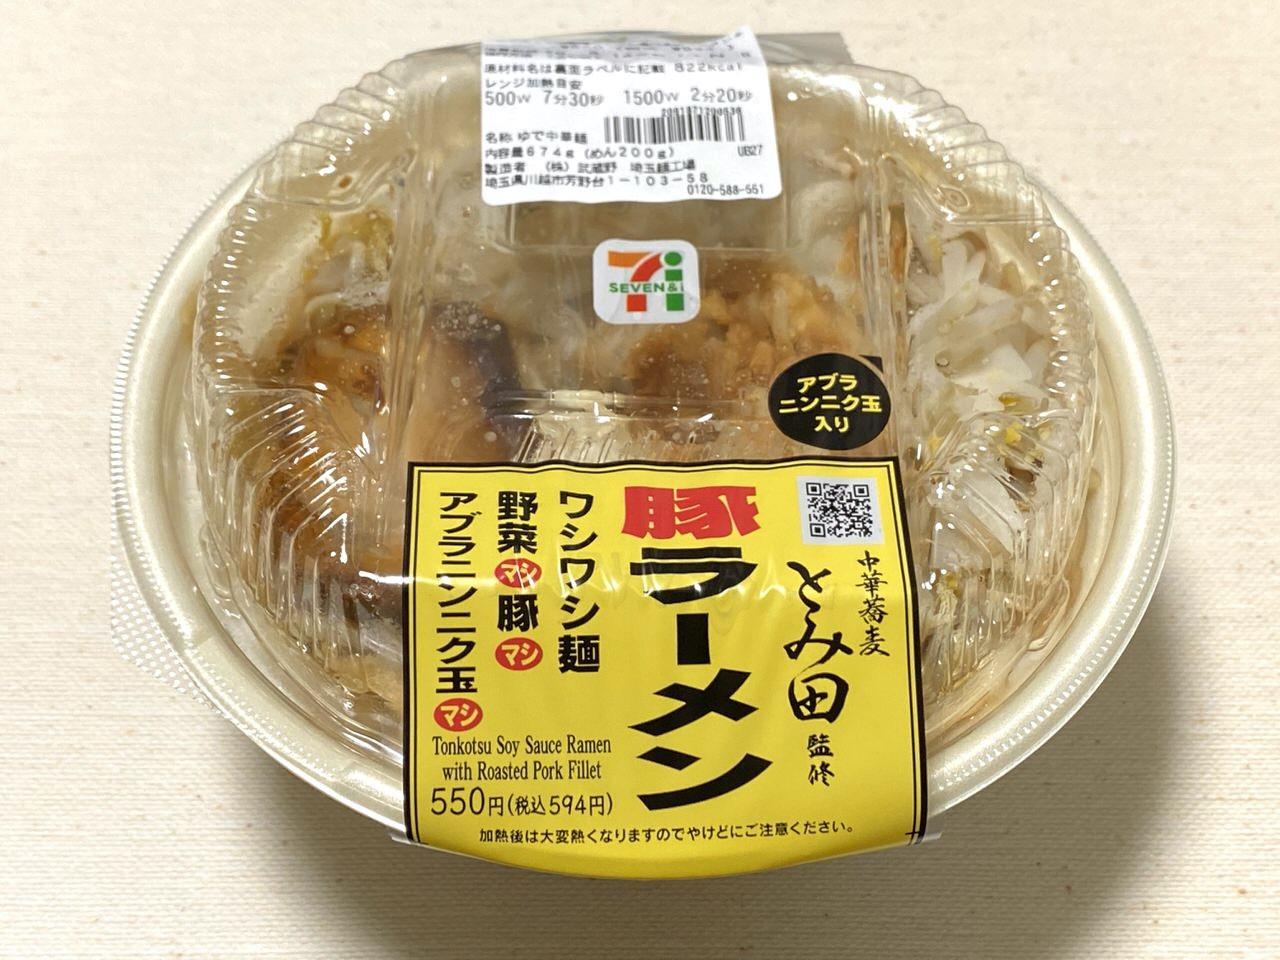 【セブンイレブン】二郎系ラーメン「中華蕎麦 とみ田監修 豚ラーメン」